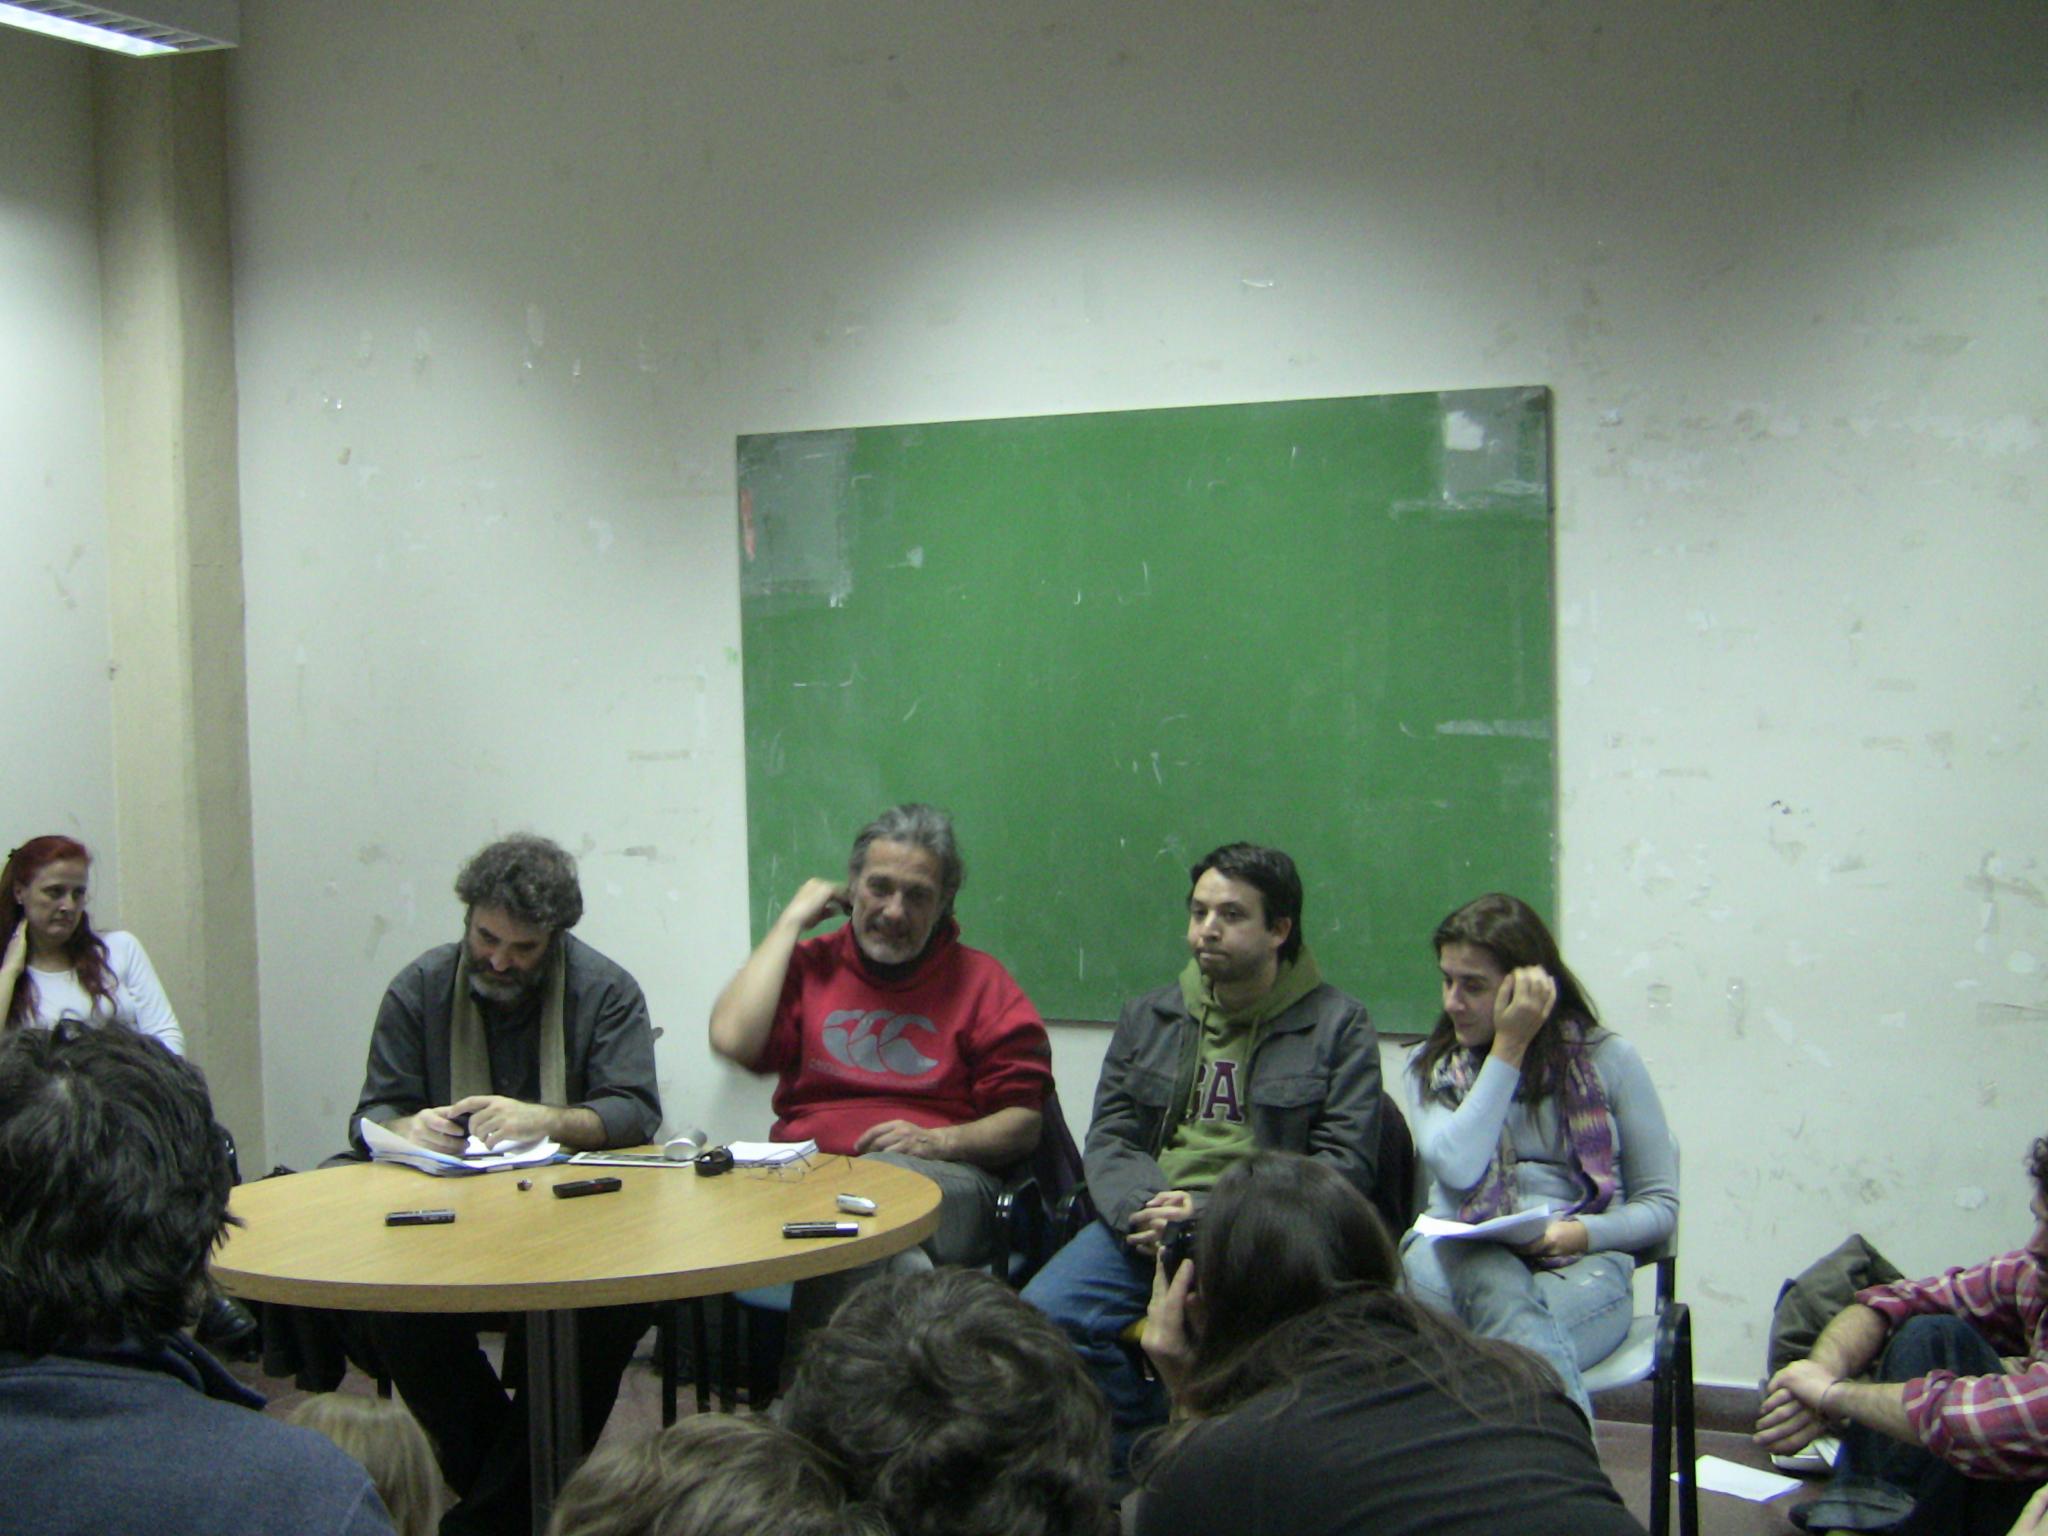 En el debate participaron docentes y directivos de la Universidad de Buenos Aires. De izquierda a derecha, Glenn Postolski, Enrique Chaparro, Matias Botbol y Beatriz Busaniche.